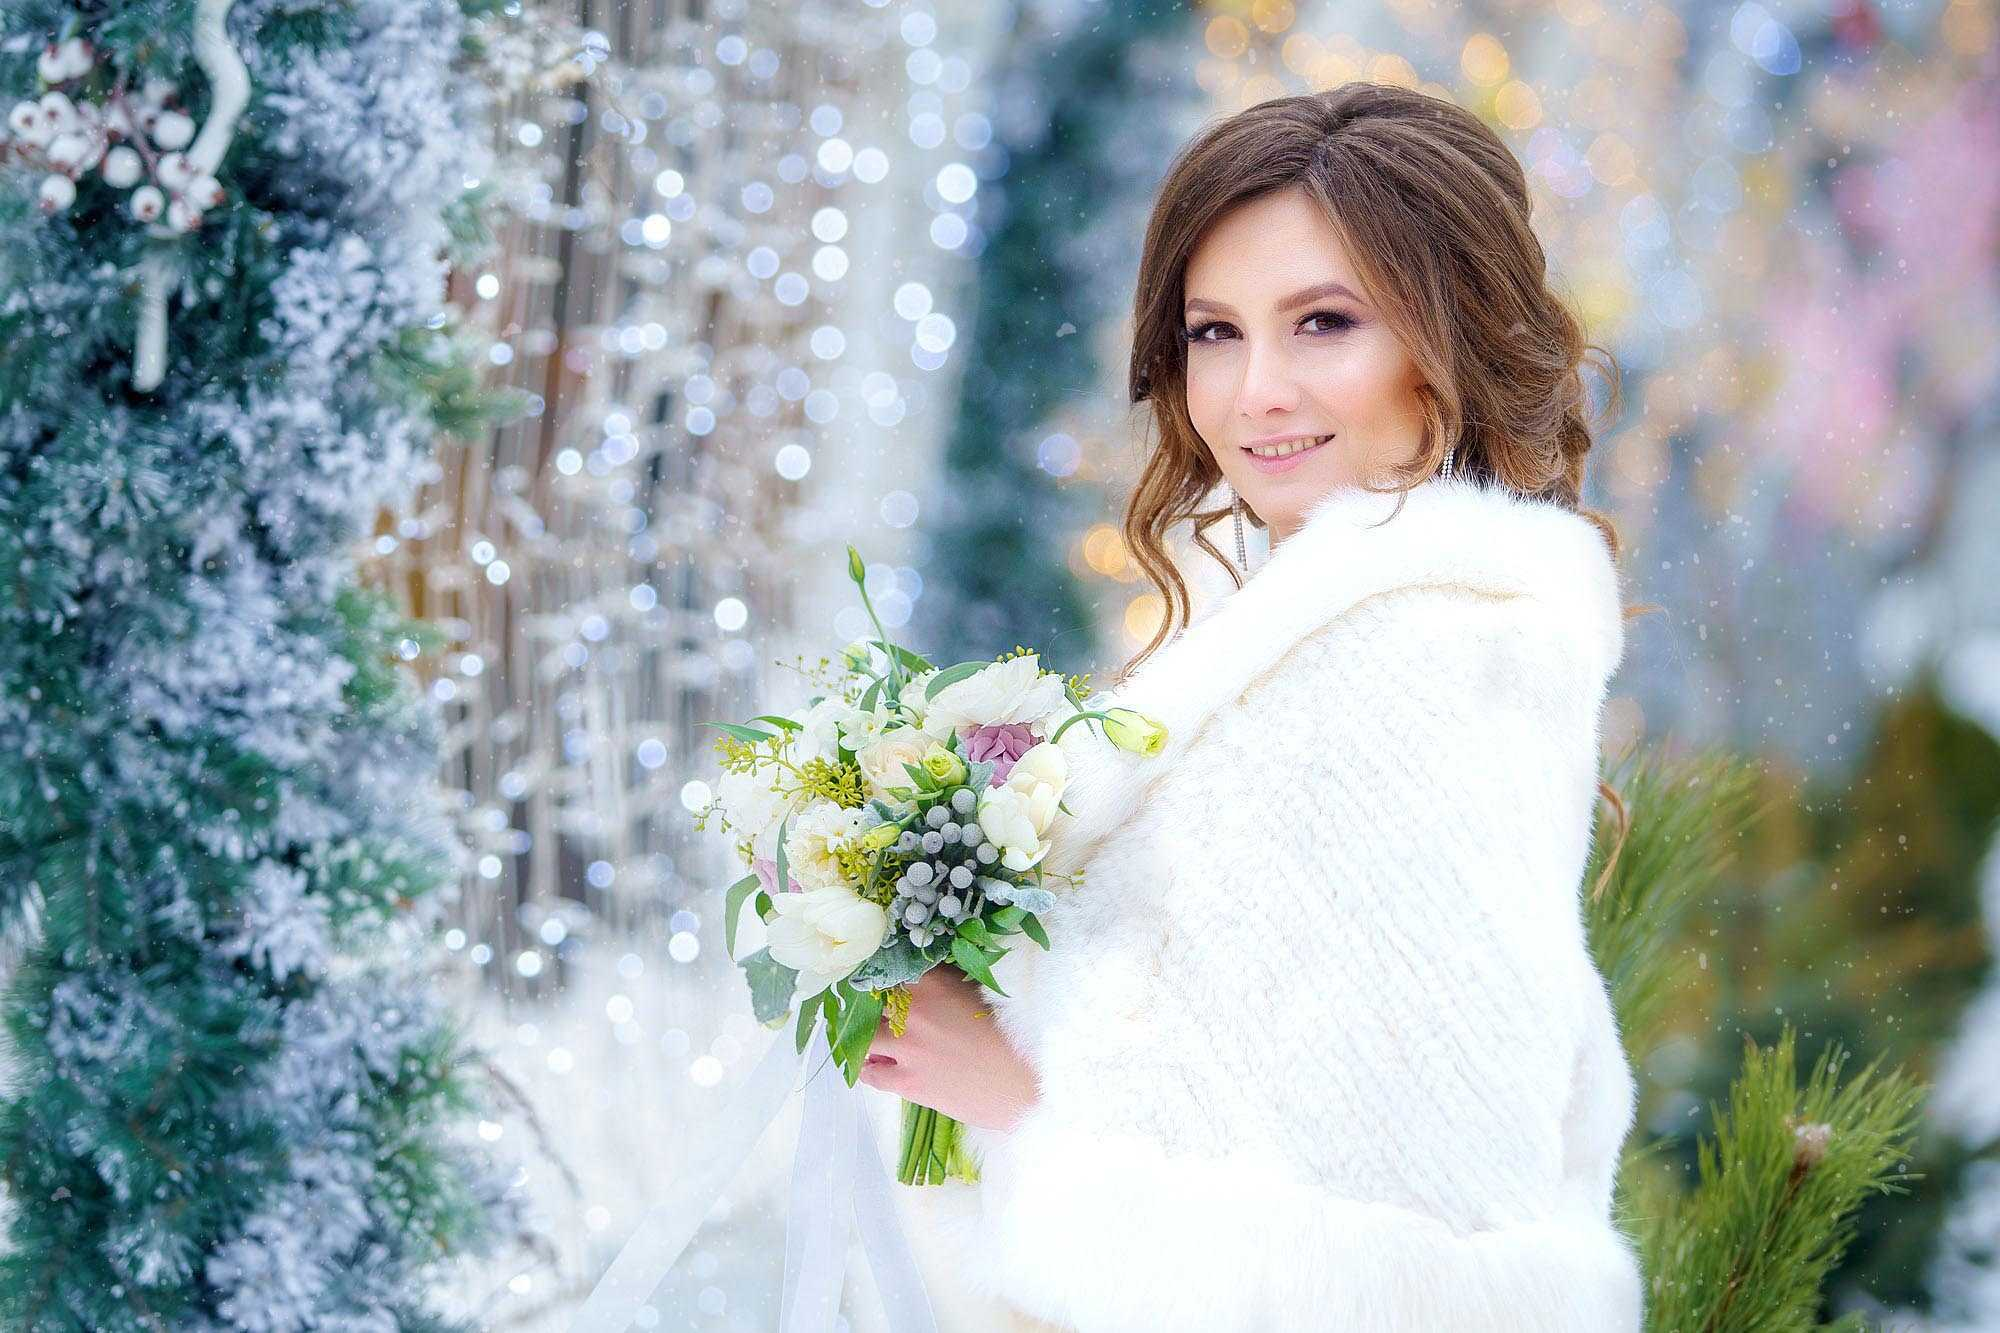 Свадебная фотосъемка Алексей Никольский фотограф зимой на свадьбу